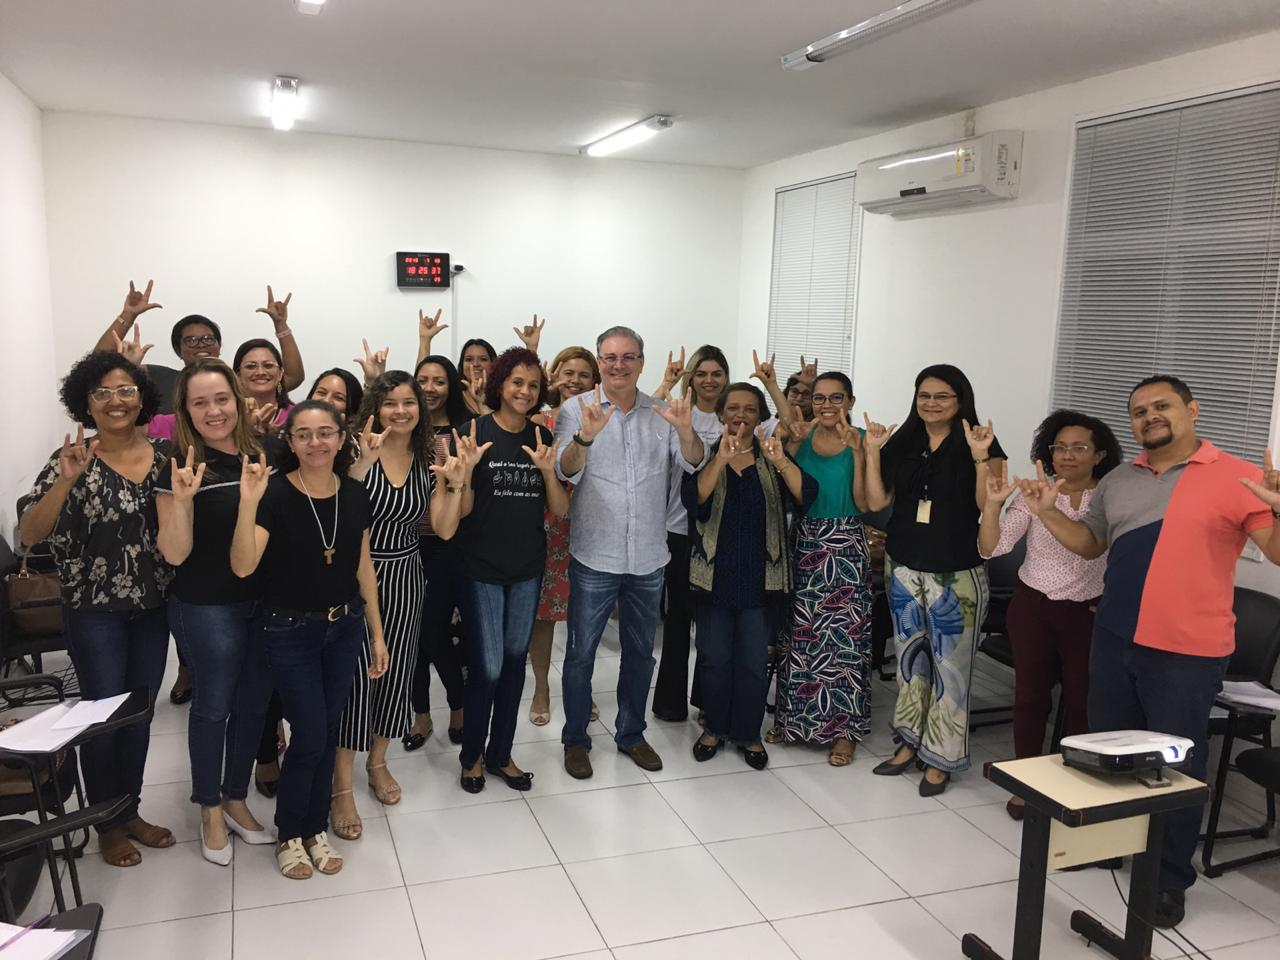 ACESSIBILIDADE | Judiciário capacita servidores para interpretação da Língua Brasileira de Sinais